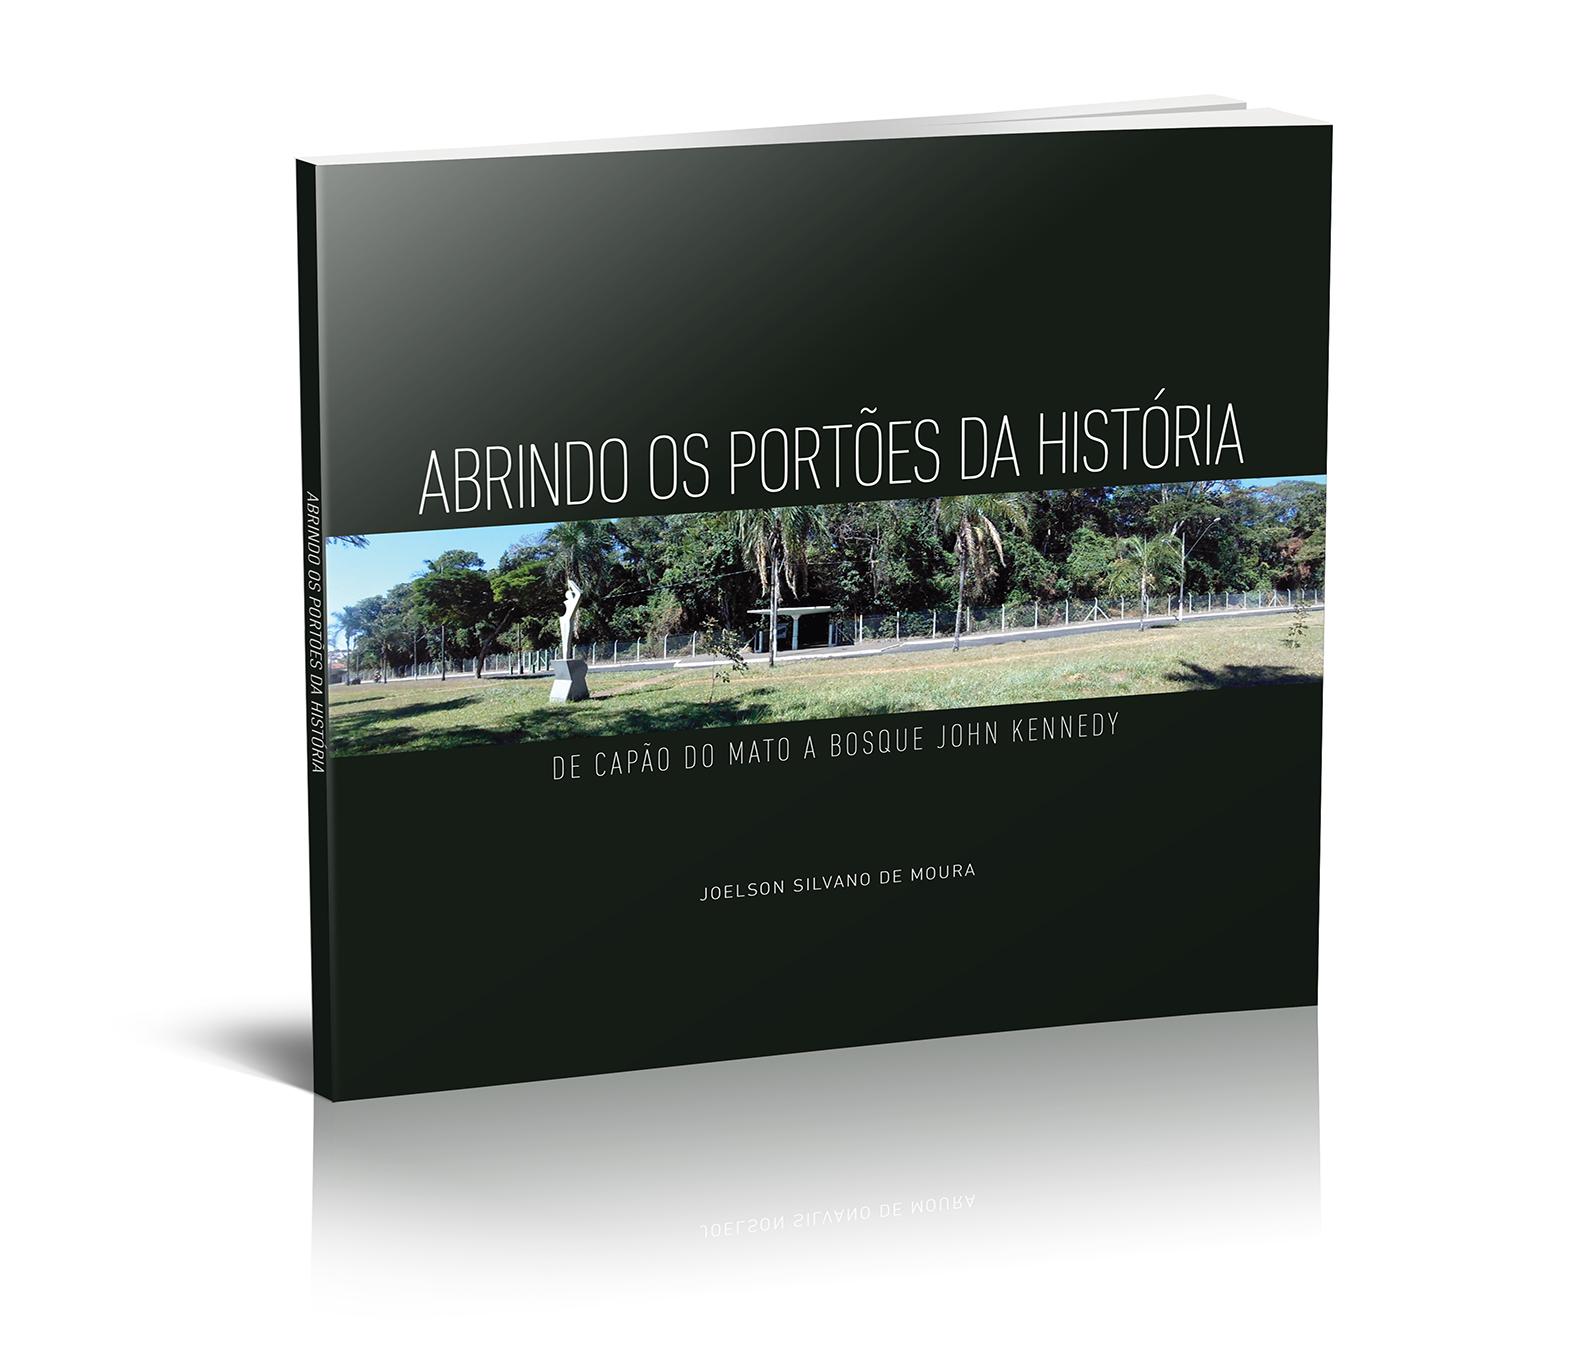 ABRINDO OS PORTÕES DA HISTÓRIA